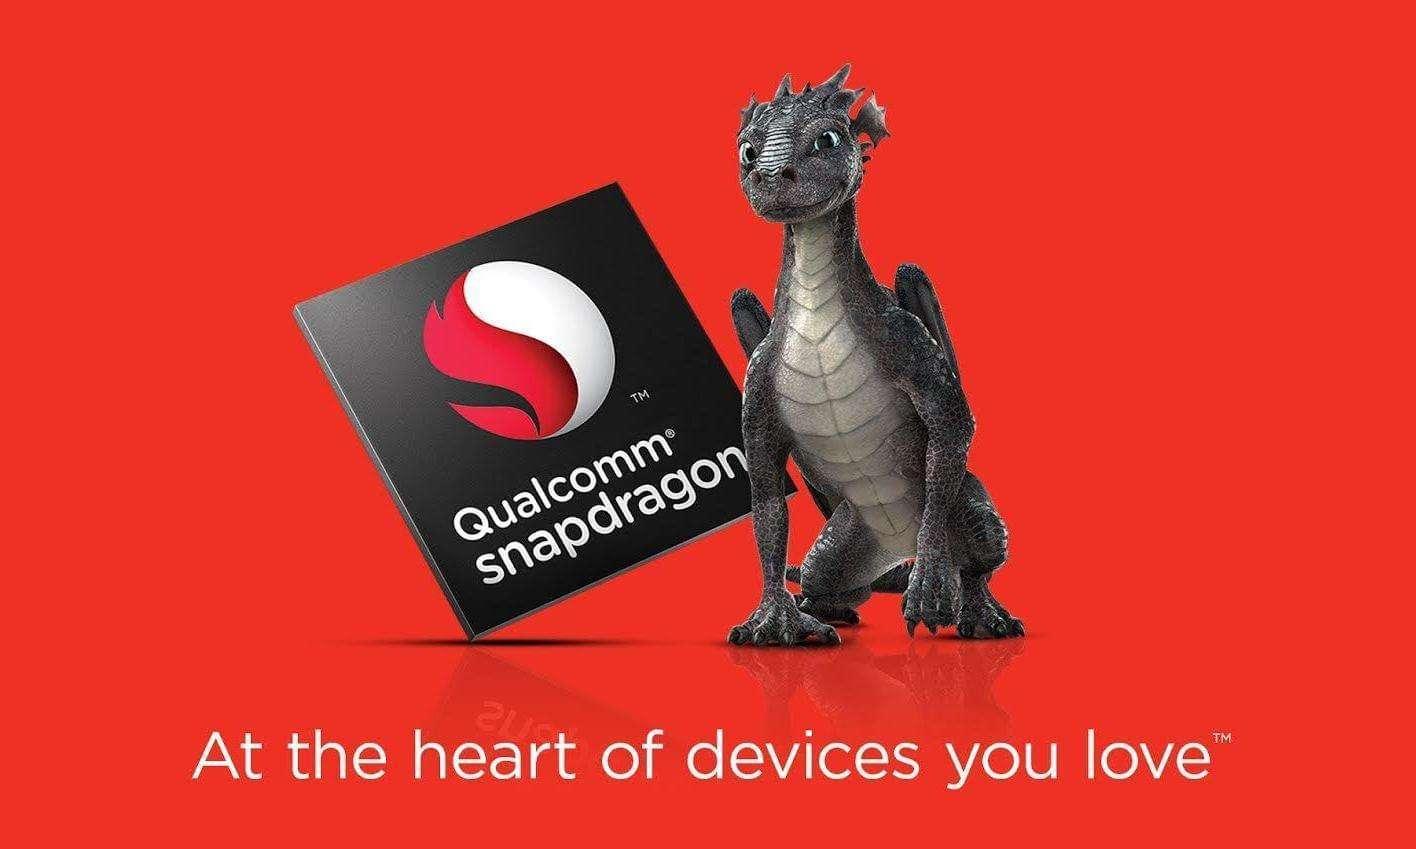 做好准备!高通骁龙875手机发布时间确认:性能爆炸提升!